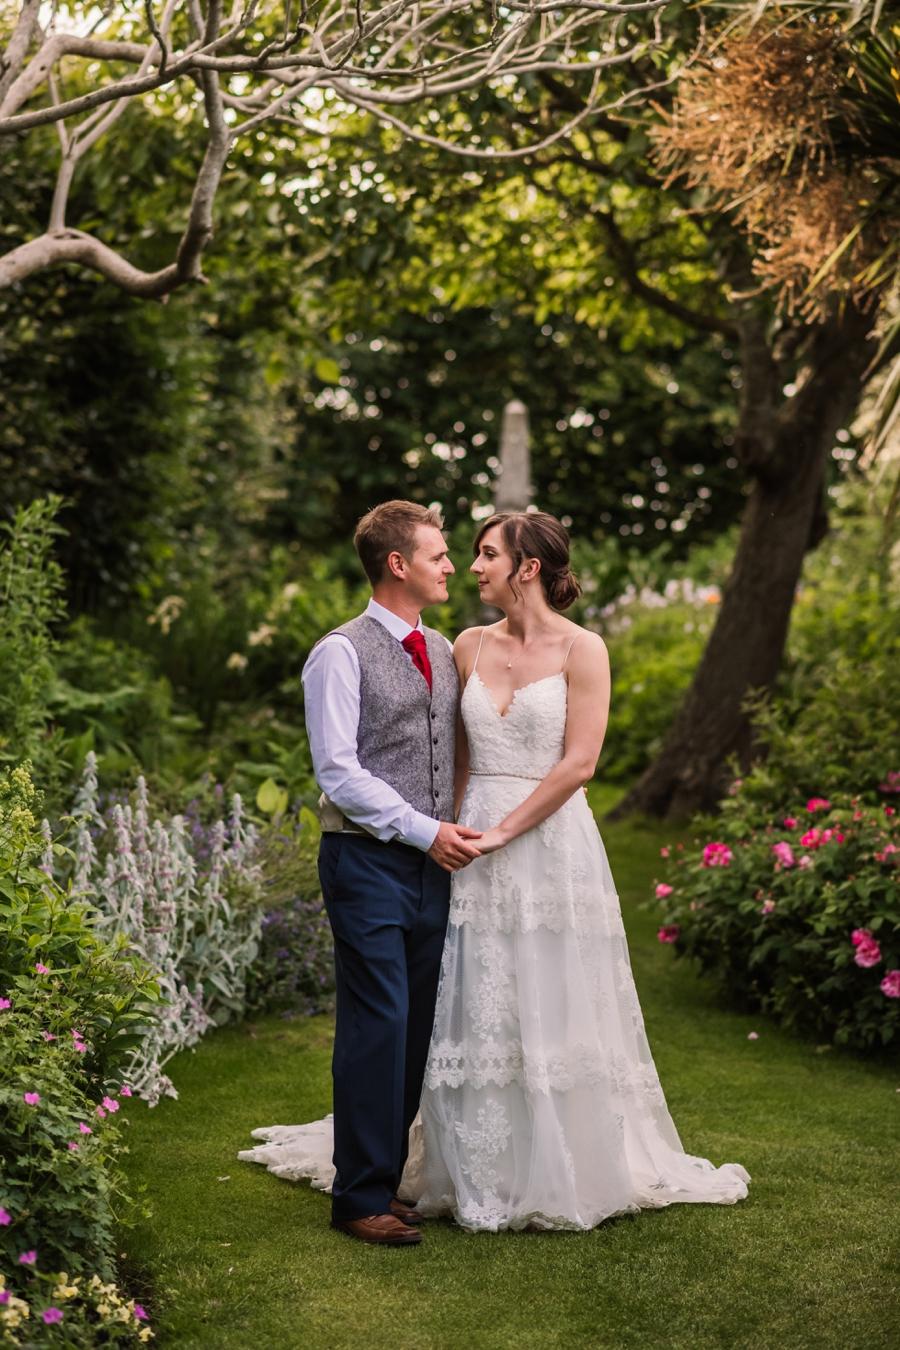 Parley Manor wedding photography by Rachel Elizabeth on English Wedding (34)